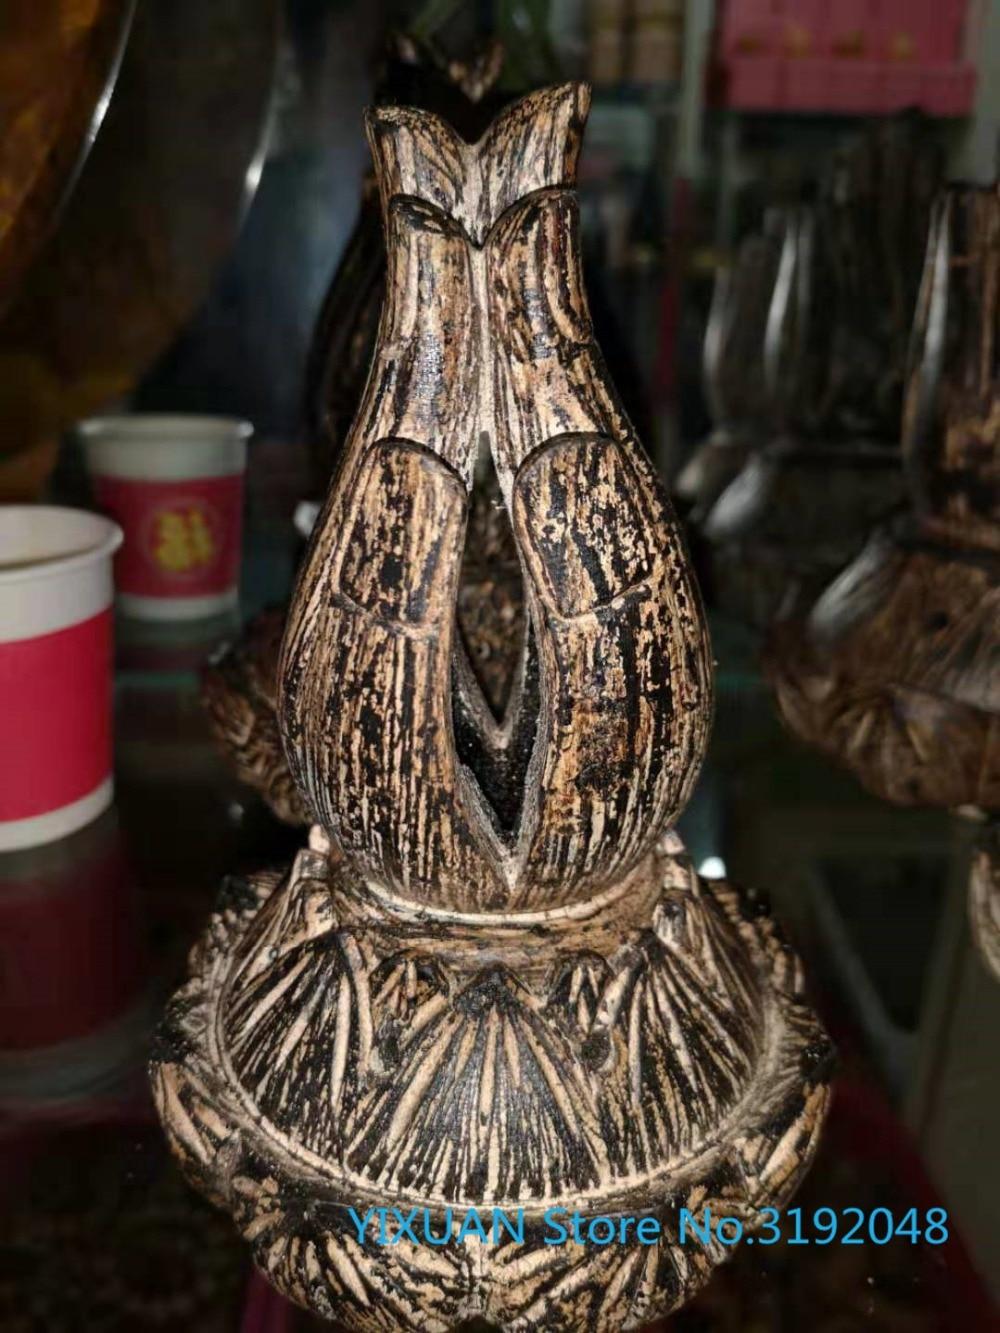 Vietnam Tuchen budista artesanía pequeños ornamentos Chenxiang colección escultura de esculturas de artesanía